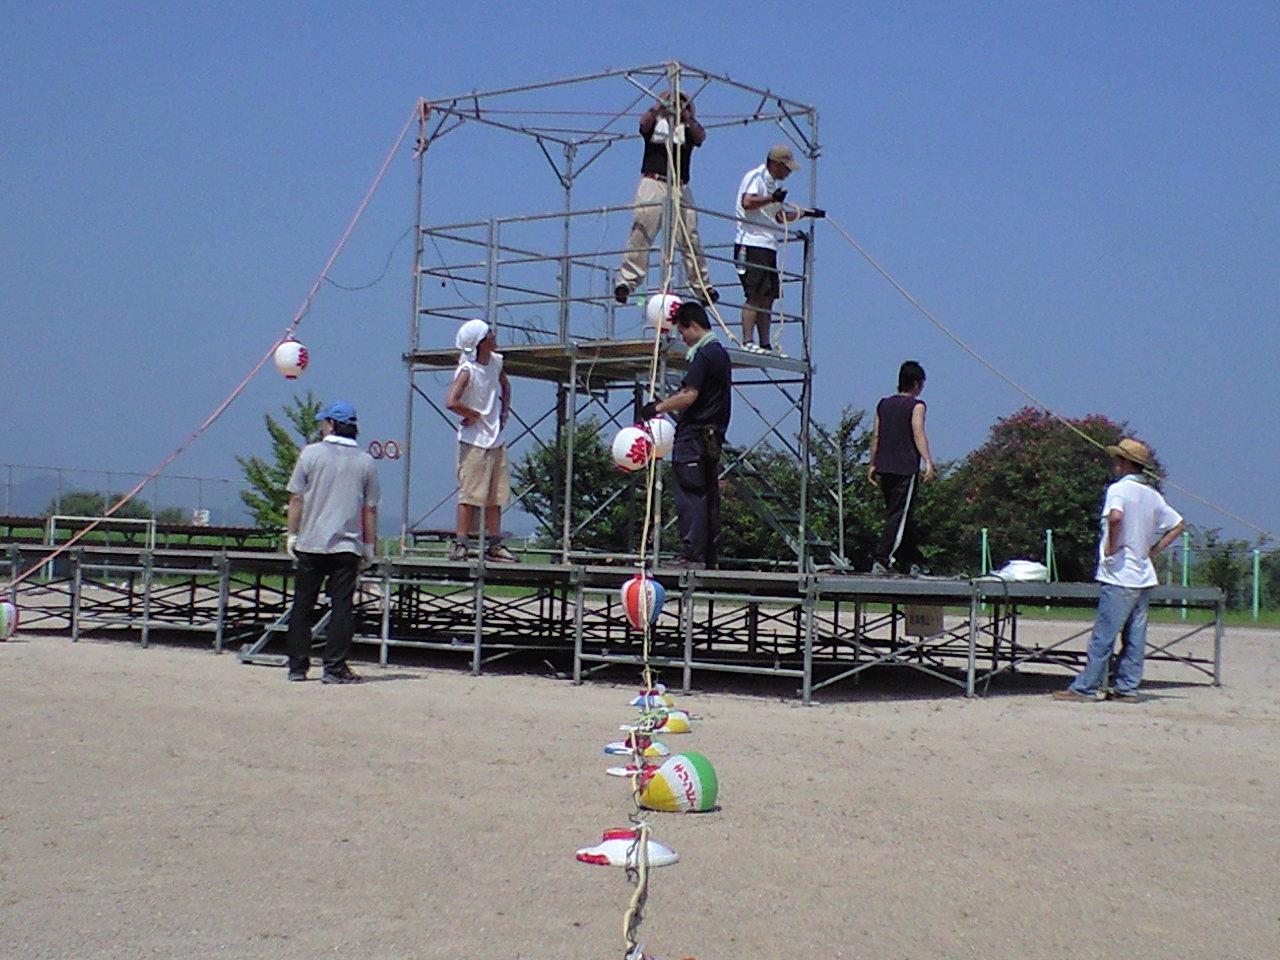 盆踊りの櫓組ボランティア